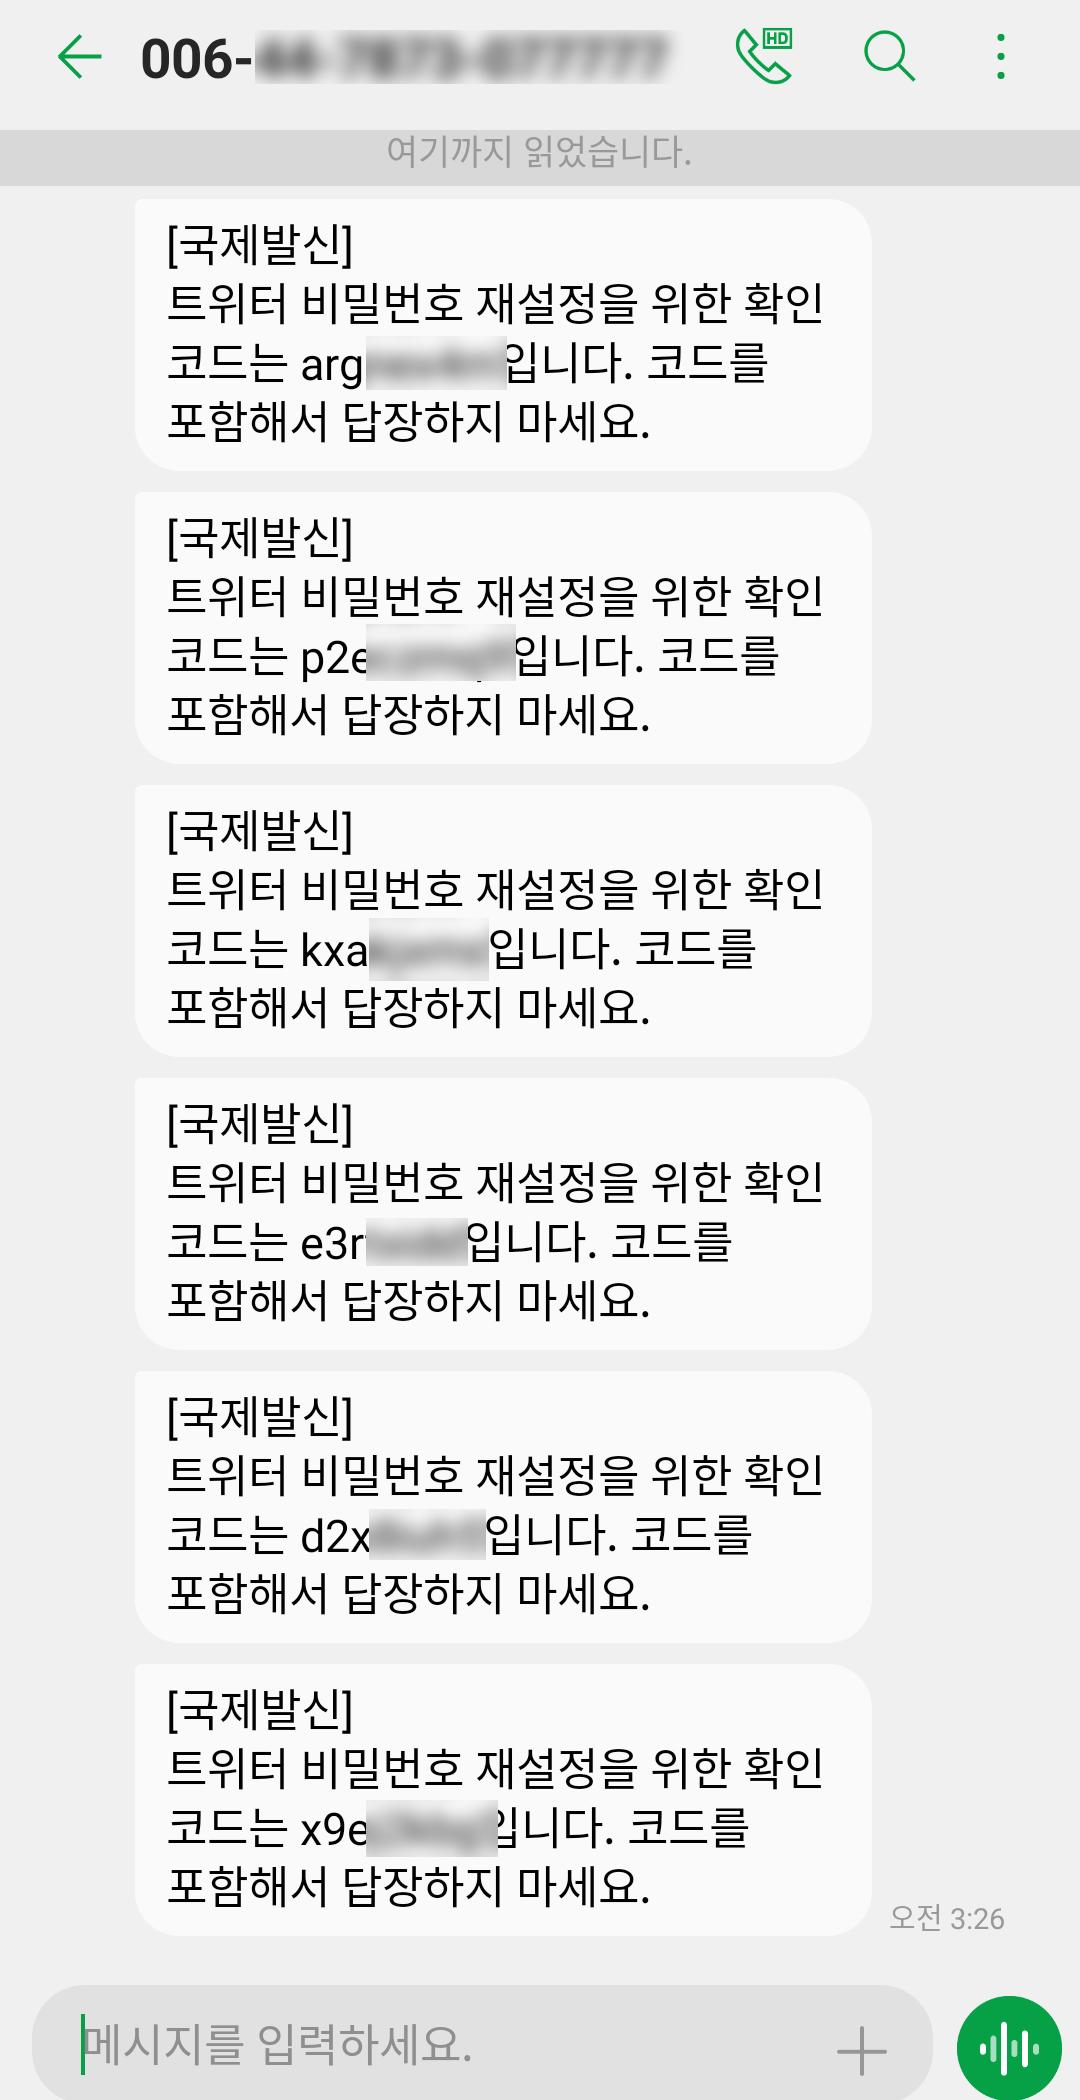 YD_작가님_트위터_비밀번호_재설정_문자.png